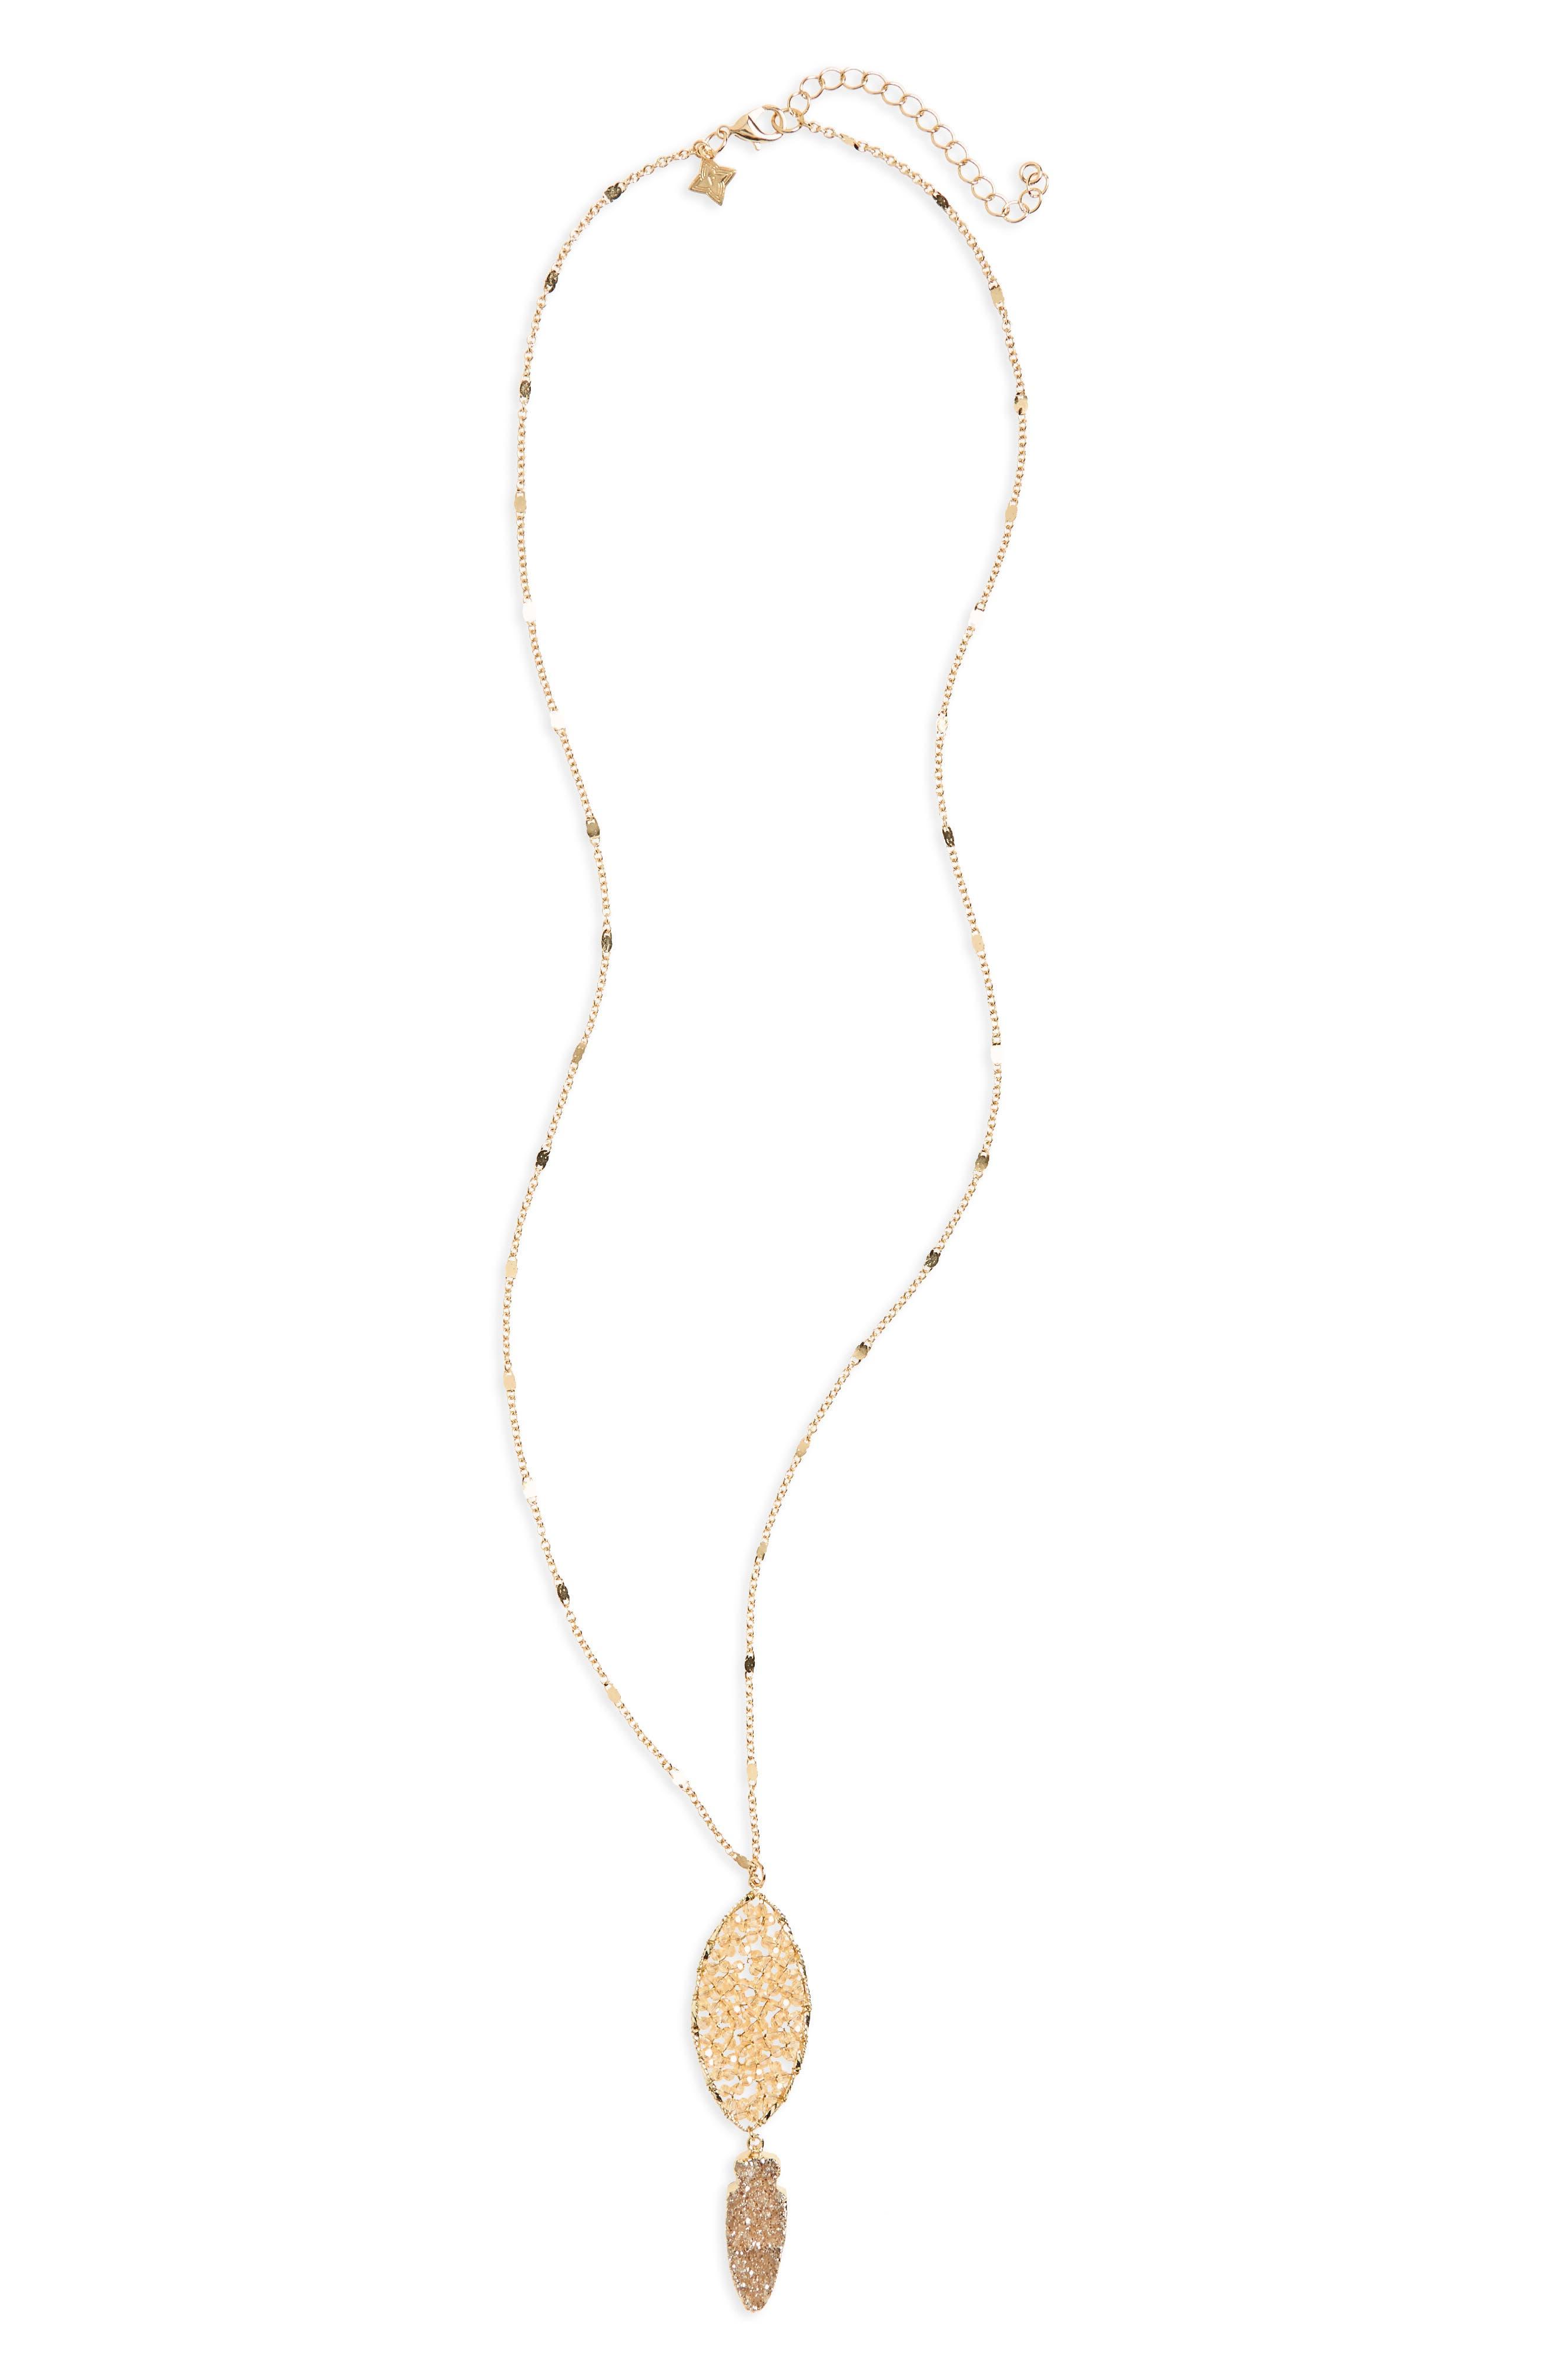 Drusy Arrow Pendant Necklace,                             Main thumbnail 1, color,                             710